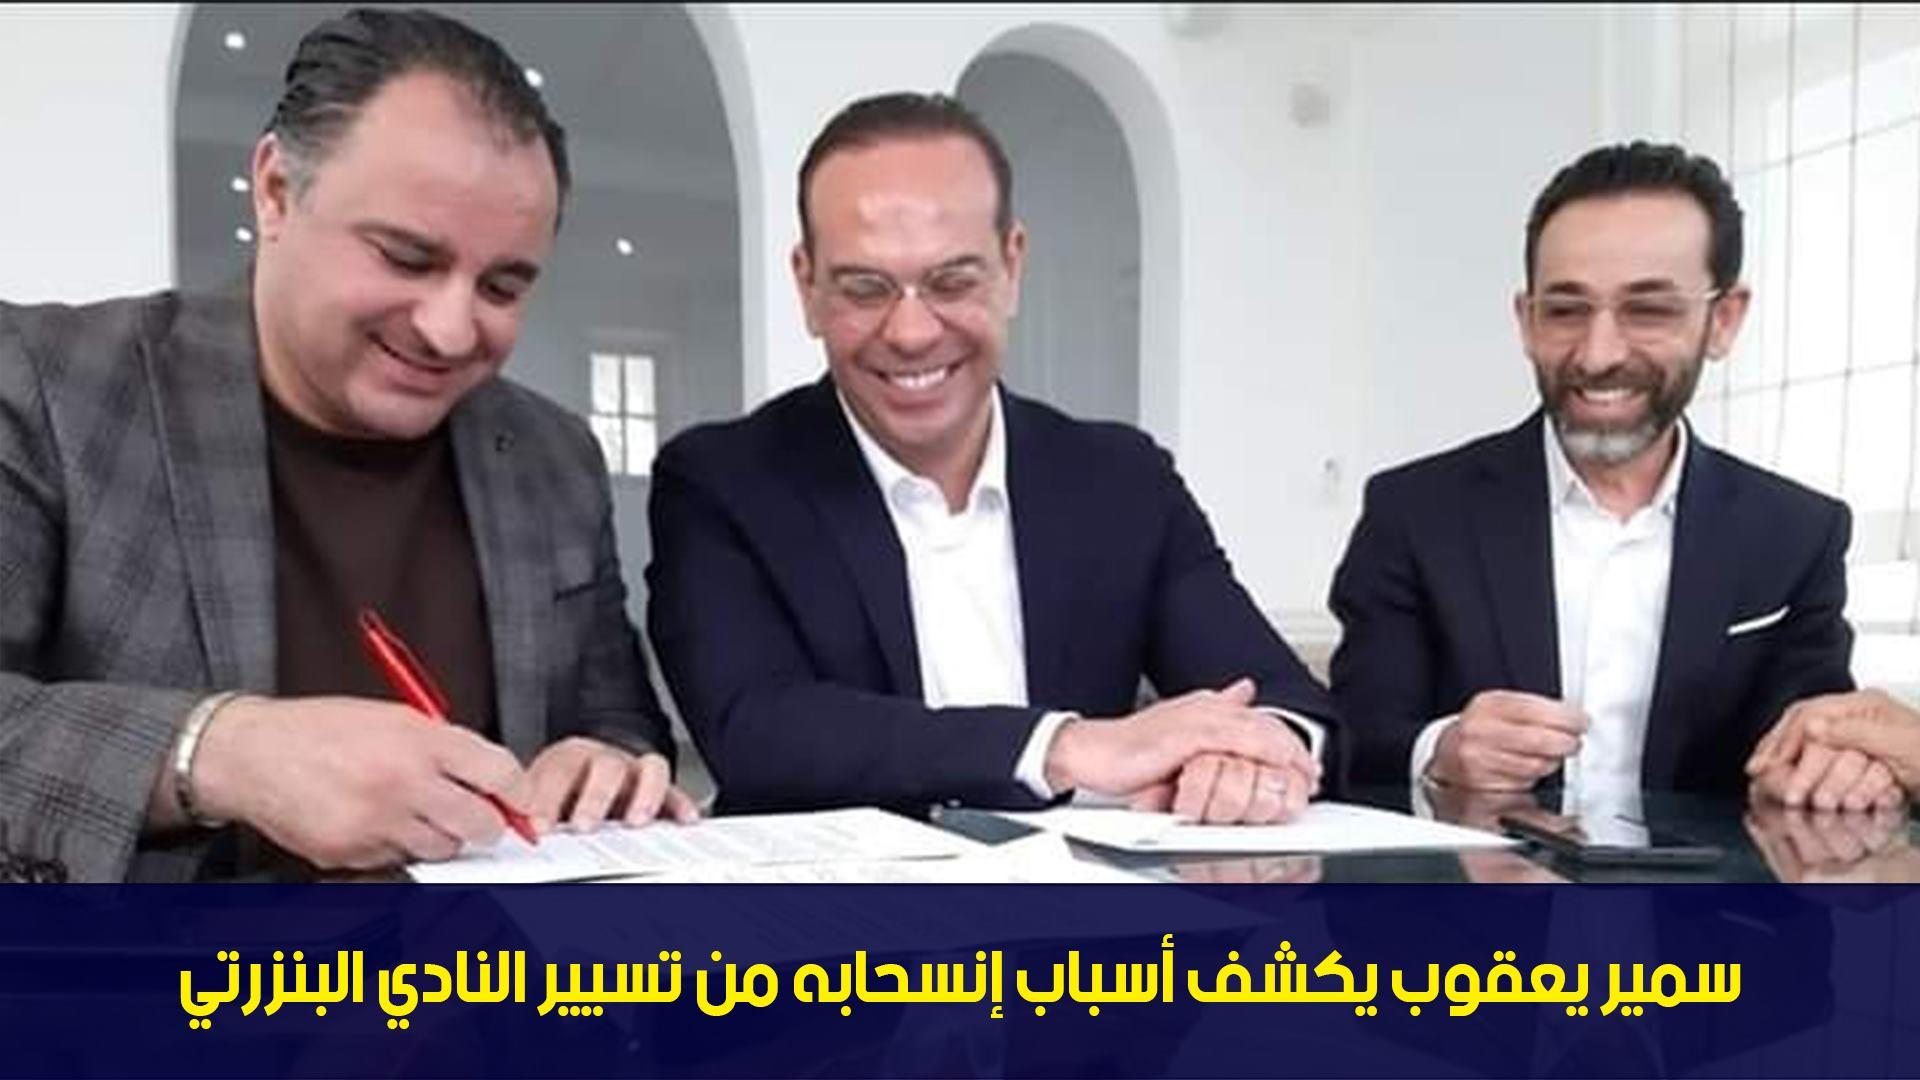 سمير يعقوب : دخلنا نظاف و خرجنا نظاف.. و السعيداني يحبني أنا رئيس و هو ياخو الفلوس